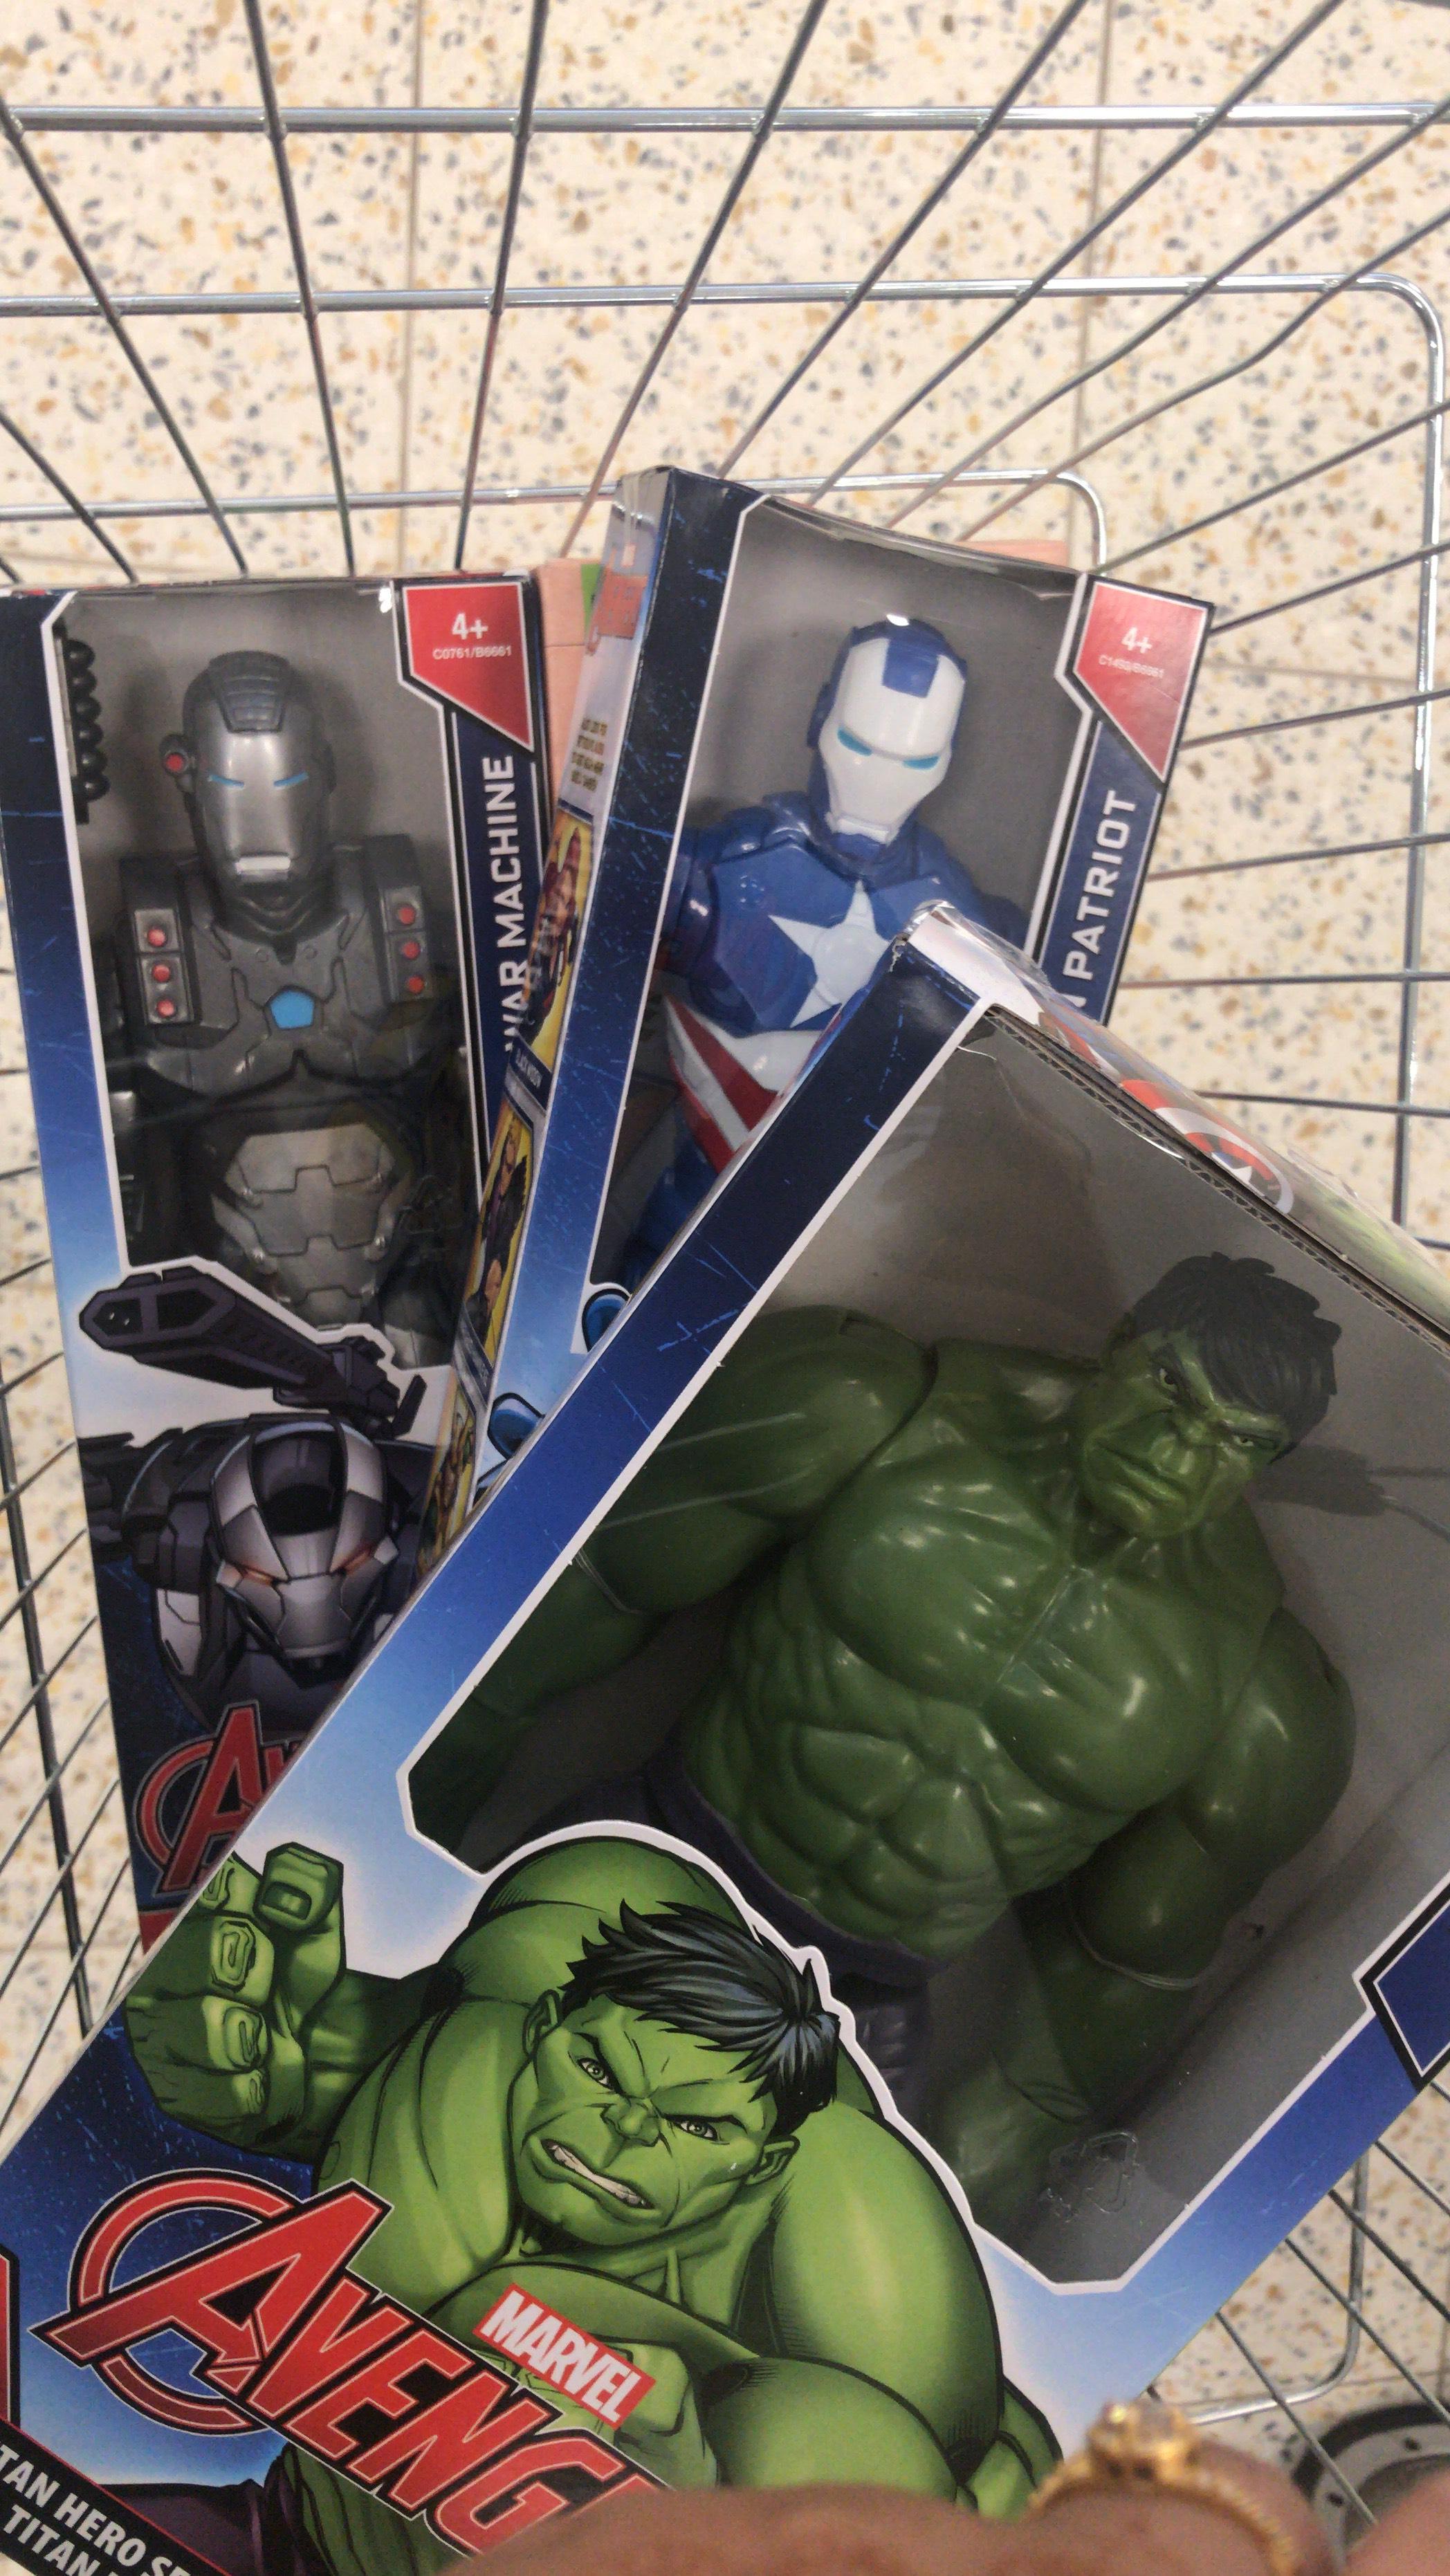 Large hulk - £7.99 home bargains